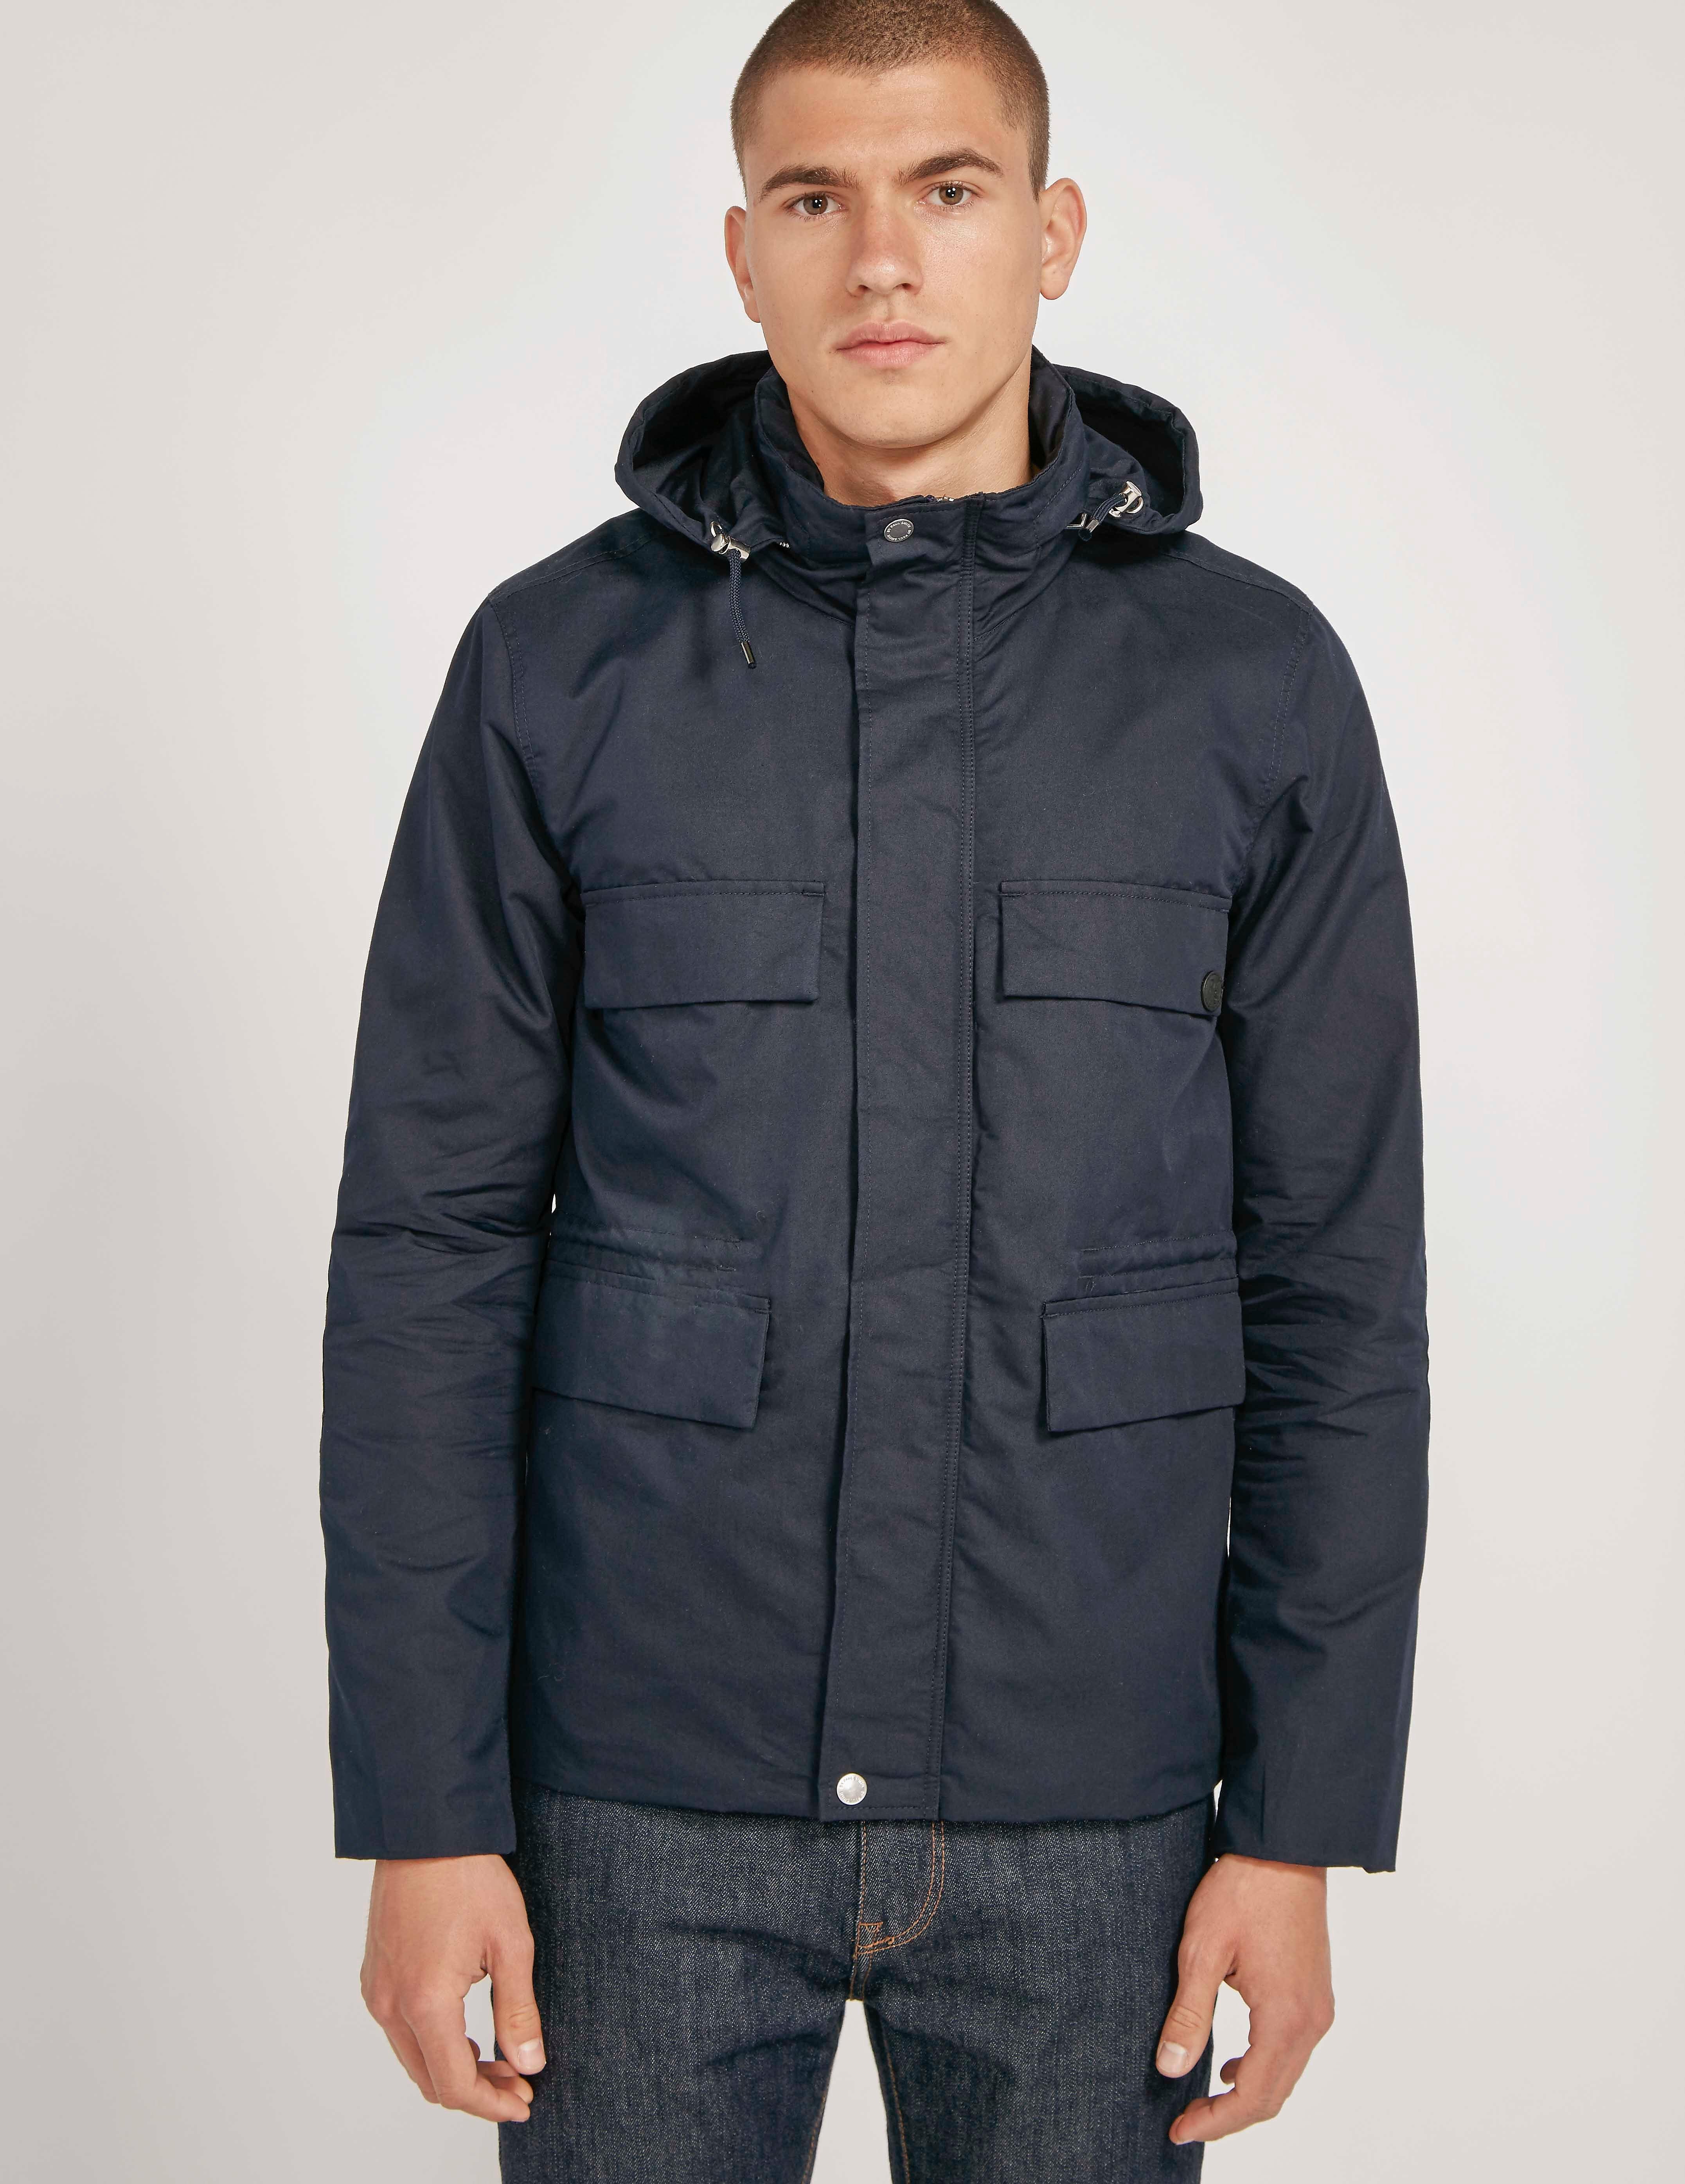 Paul Smith Hood Field Jacket